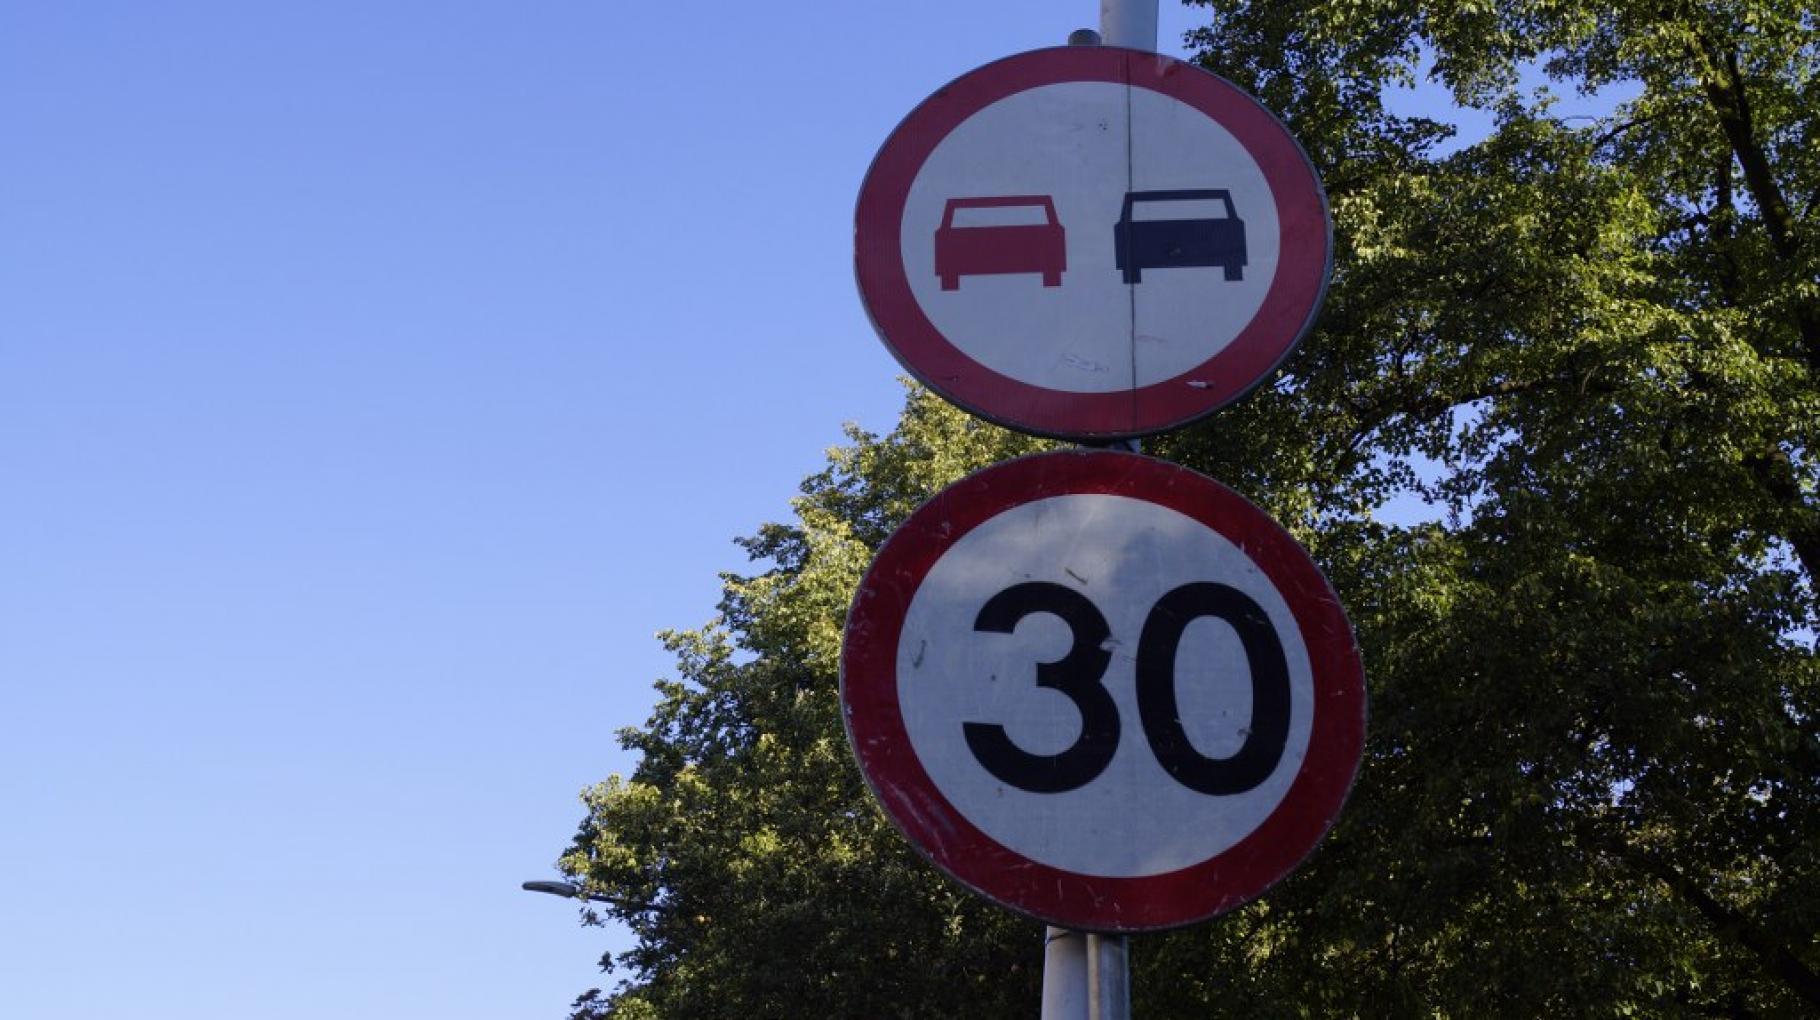 znak drogowy. Ograniczenie do 30 km/h